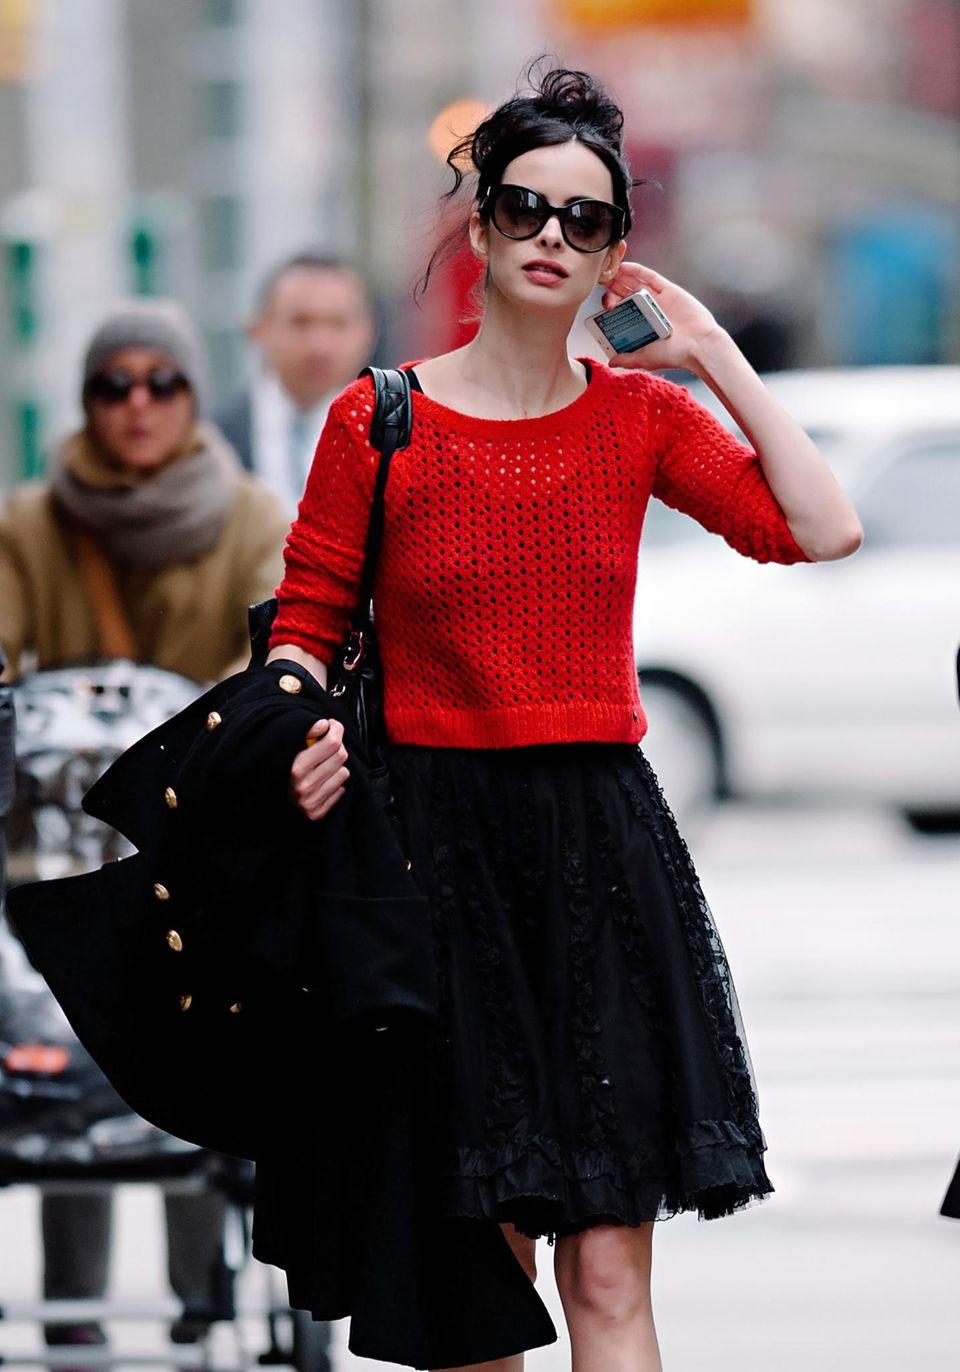 Der schmalen Krysten Ritter stehen schwingende Röcke besonders gut. Mit dem roten Pullover dazu kann er problemlos auch tagsüber ausgeführt werden.